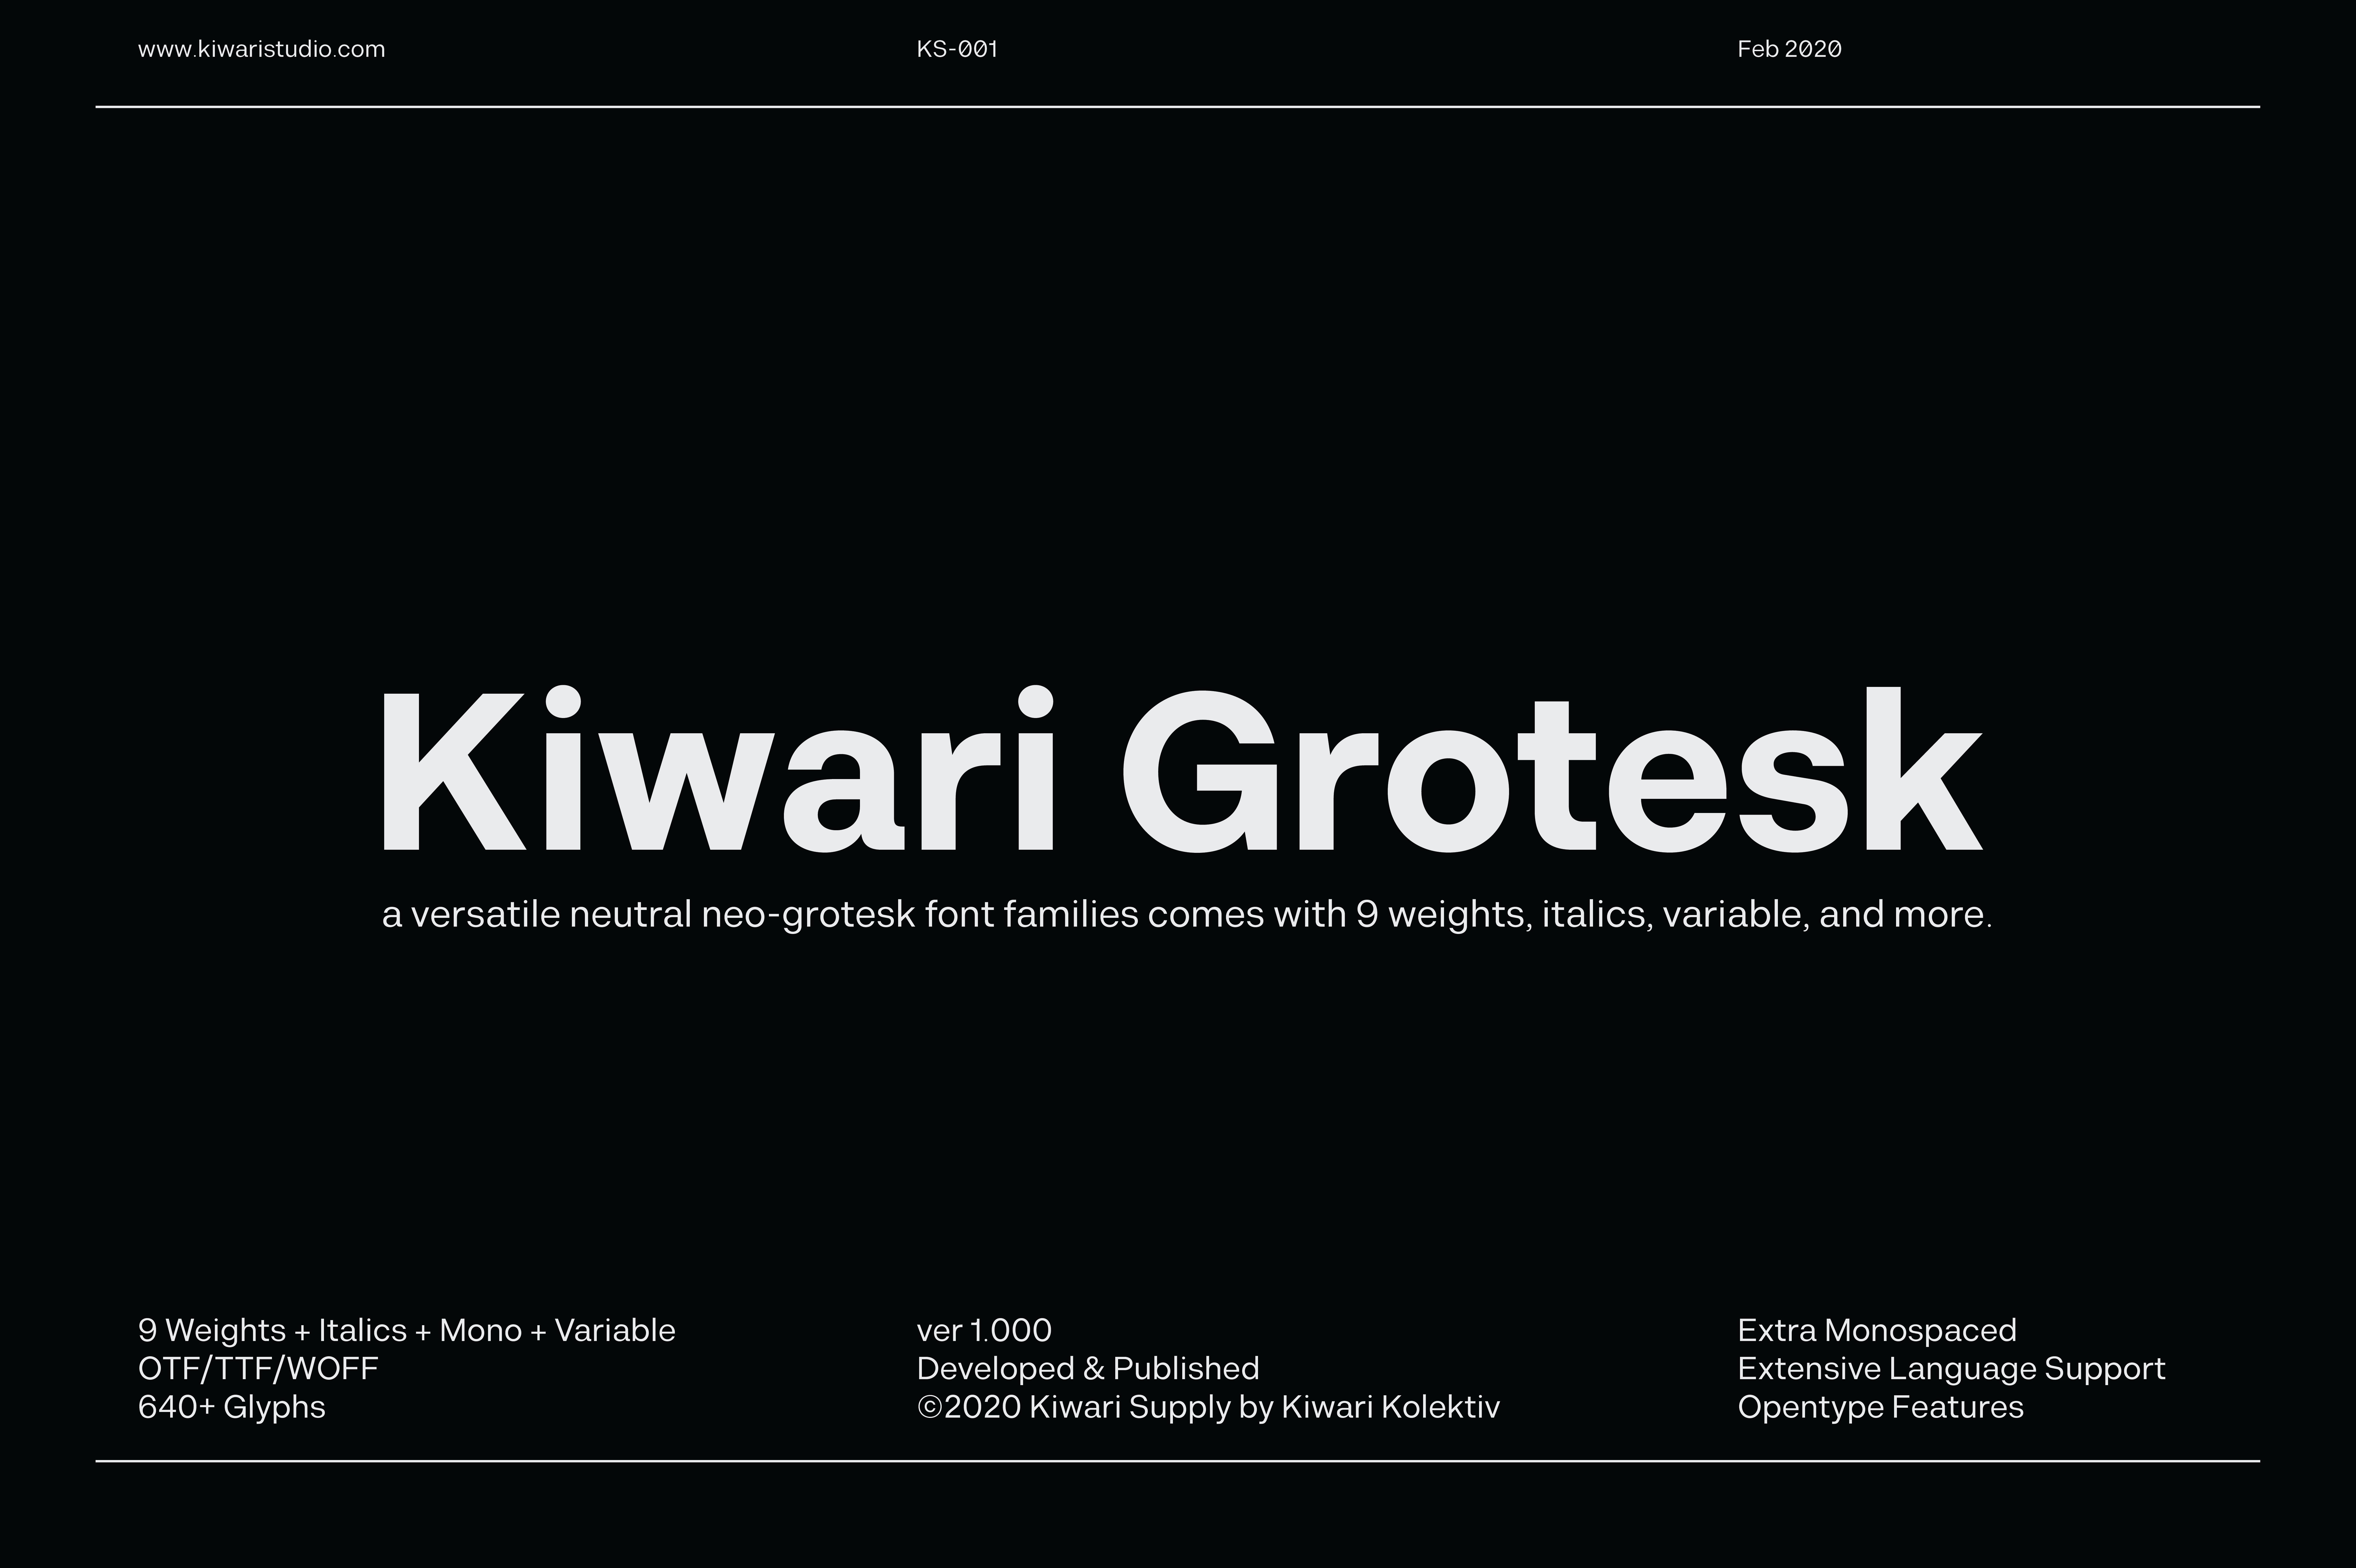 Kiwari-Grotesk-02